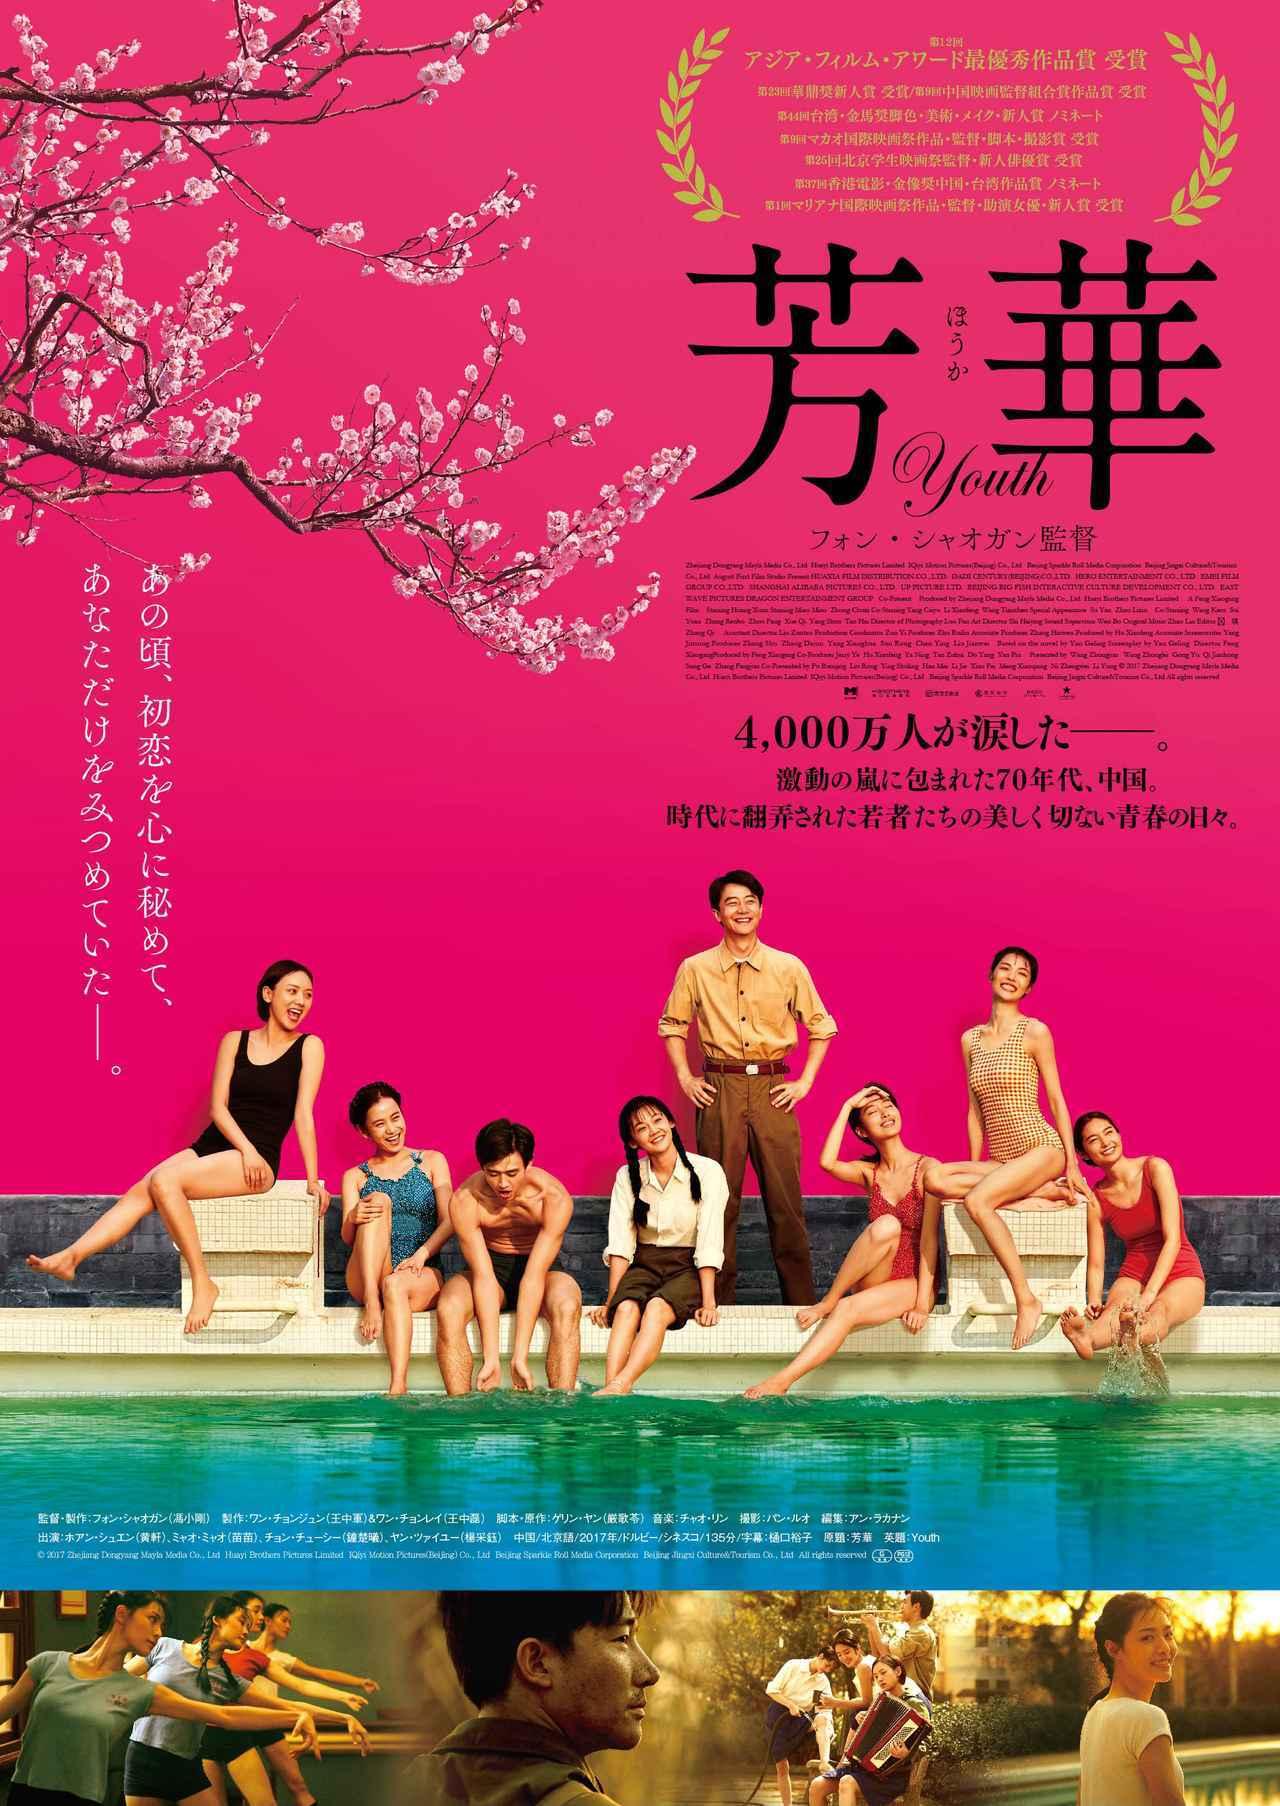 画像1: © 2017 Zhejiang Dongyang Mayla Media Co., Ltd Huayi Brothers Pictures Limited IQiyi Motion Pictures(Beijing) Co., Ltd Beijing Sparkle Roll Media Corporation Beijing Jingxi Culture&Tourism Co., Ltd